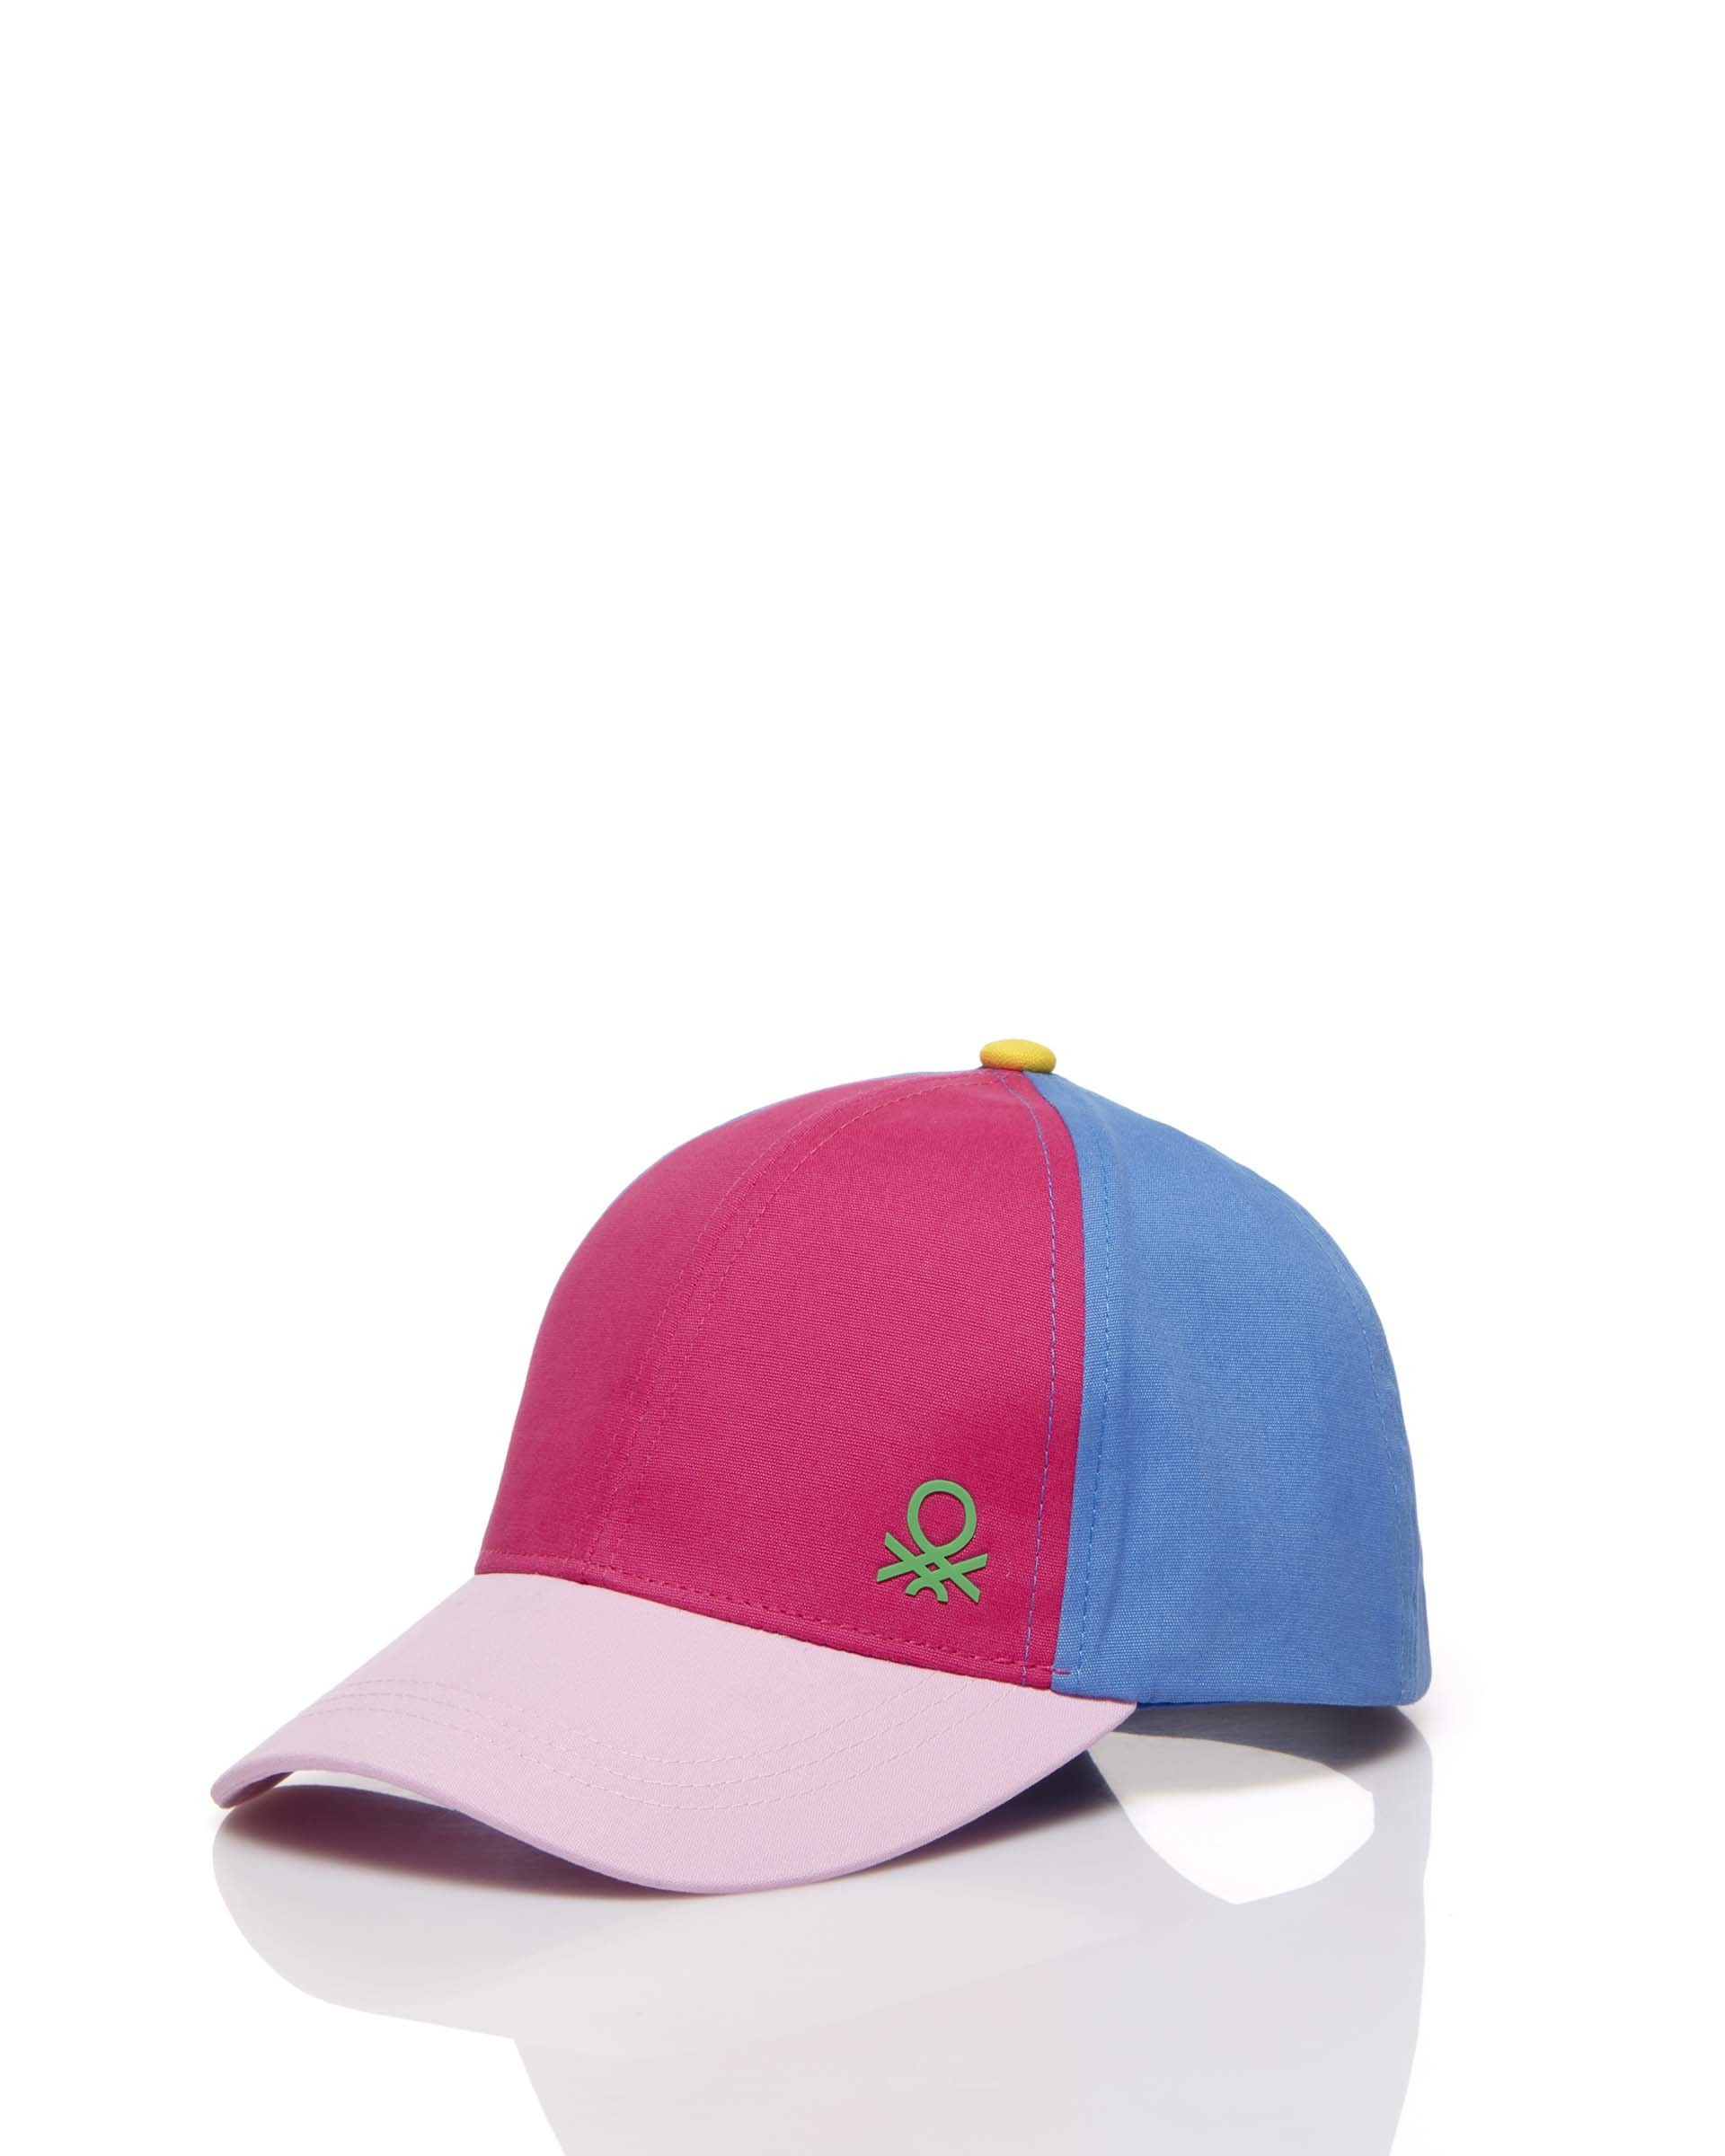 Купить 20P_6GOQB428F_902, Кепка для мальчиков Benetton 6GOQB428F_902 р-р 122, United Colors of Benetton, Детские кепки